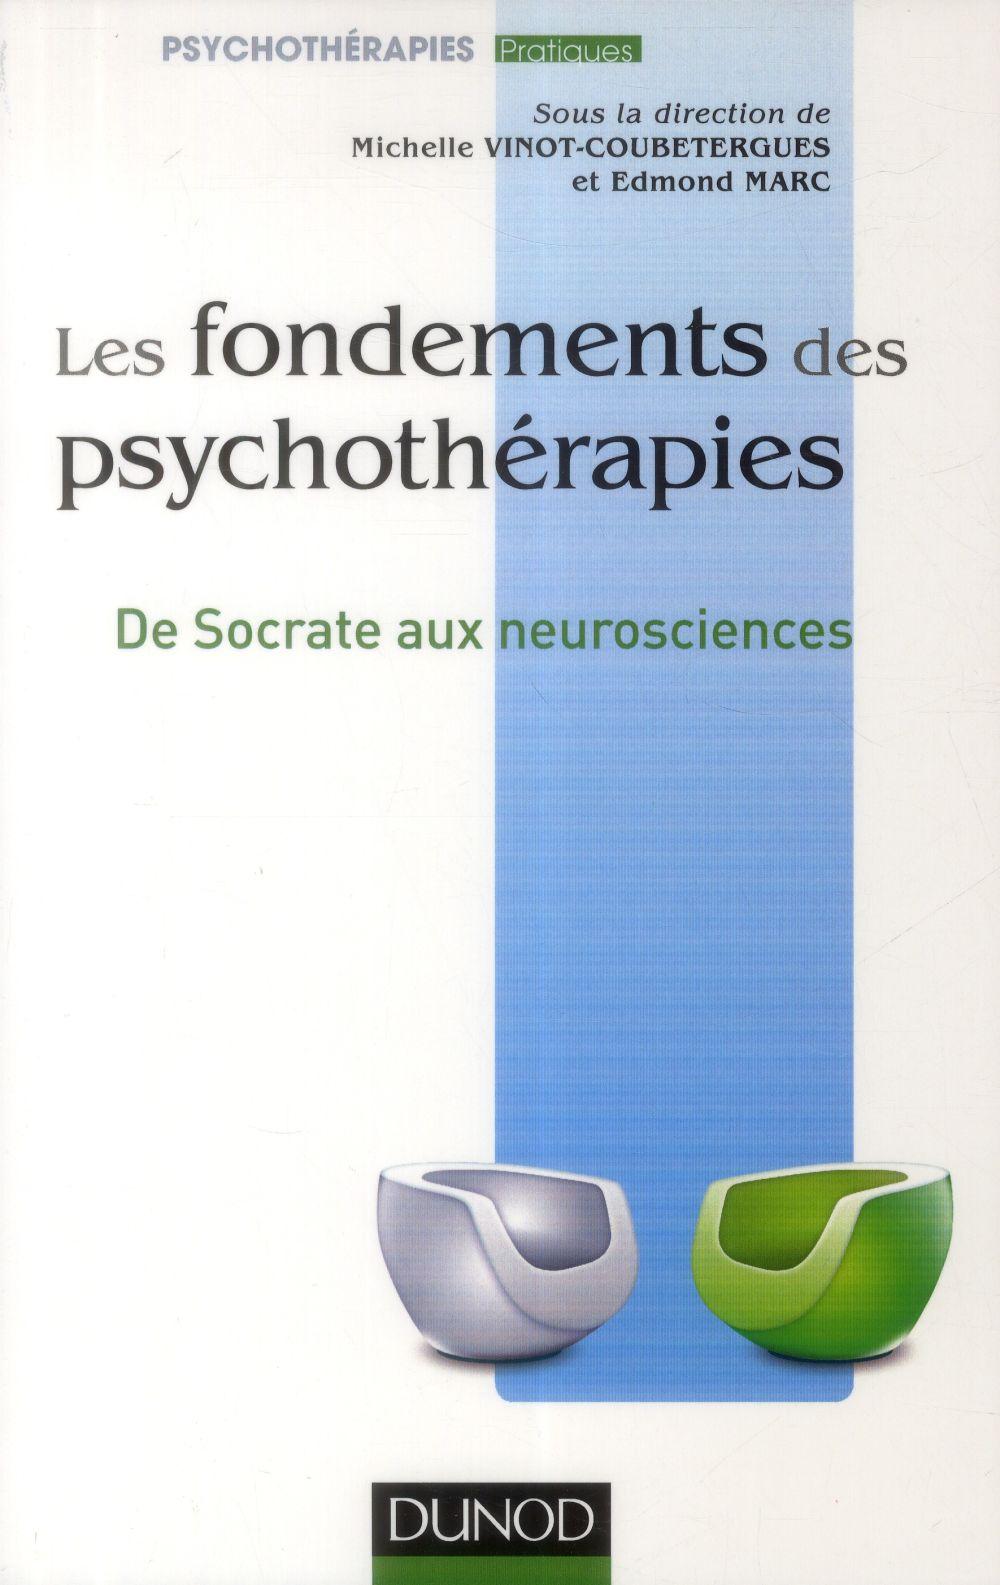 Les fondements des psychothérapies ; de Socrate aux neurosciences